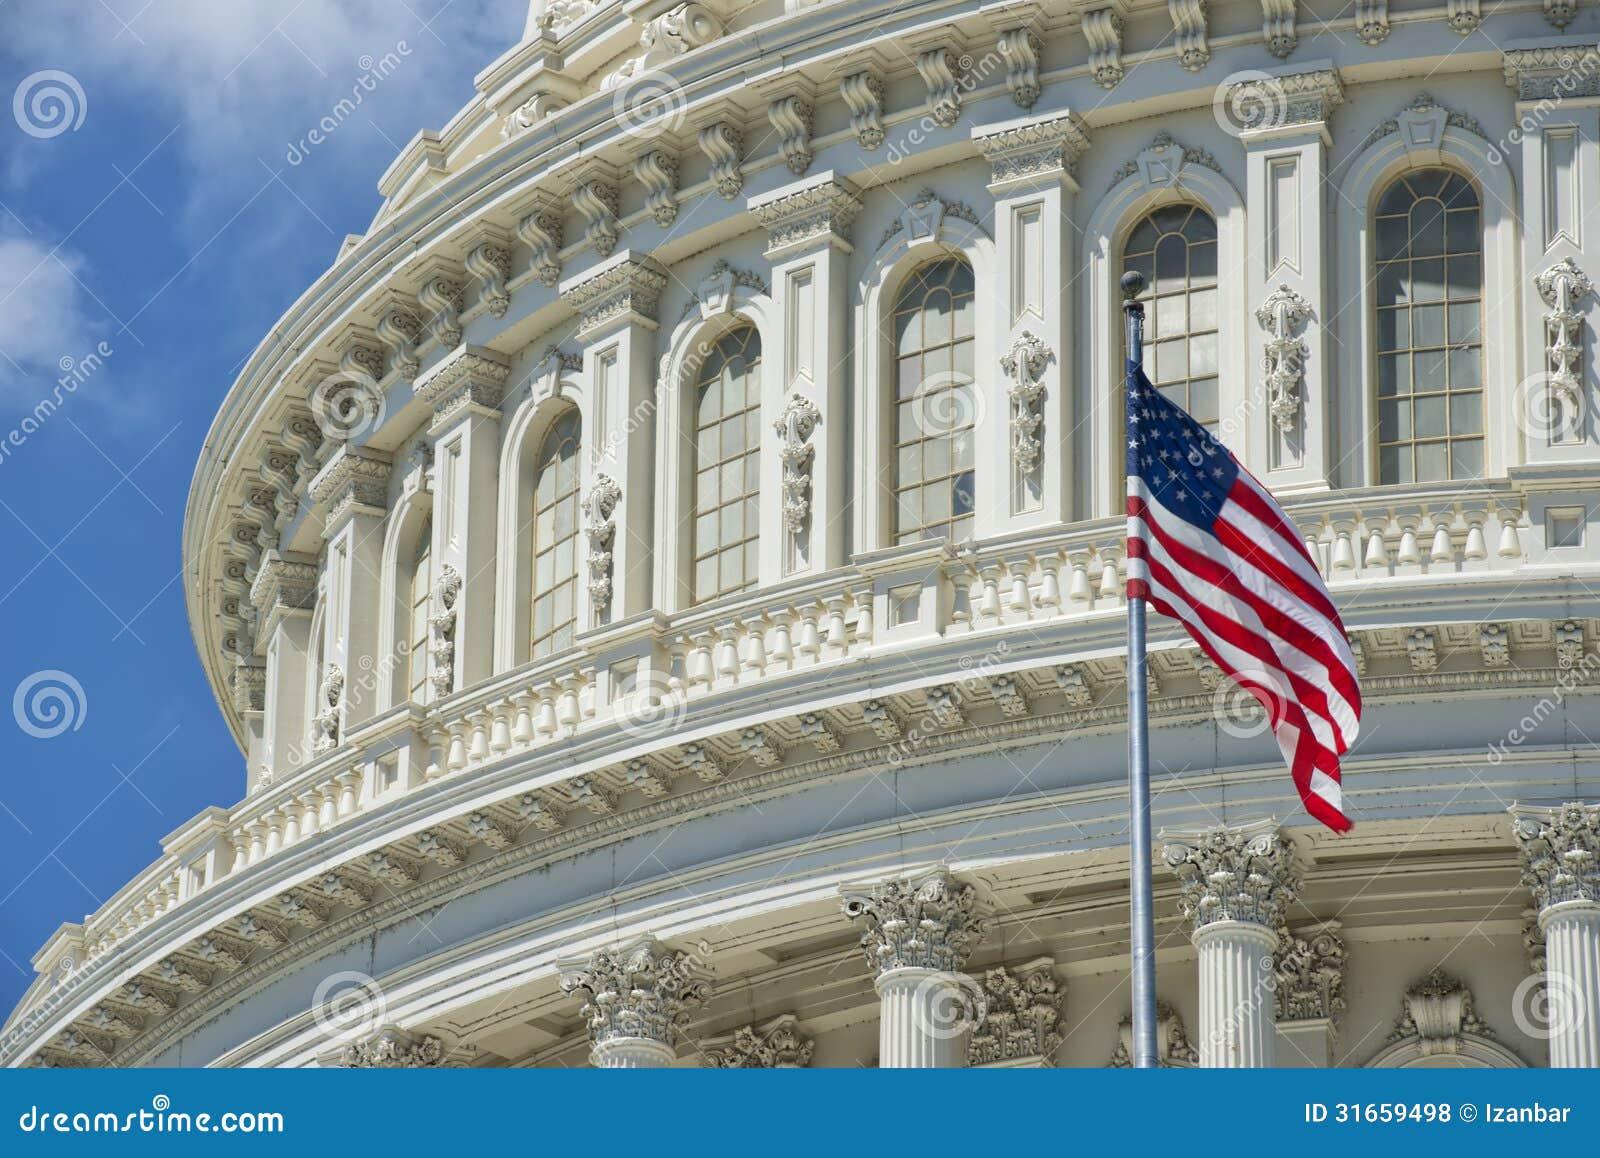 深刻的蓝天背景的华盛顿特区国会大厦